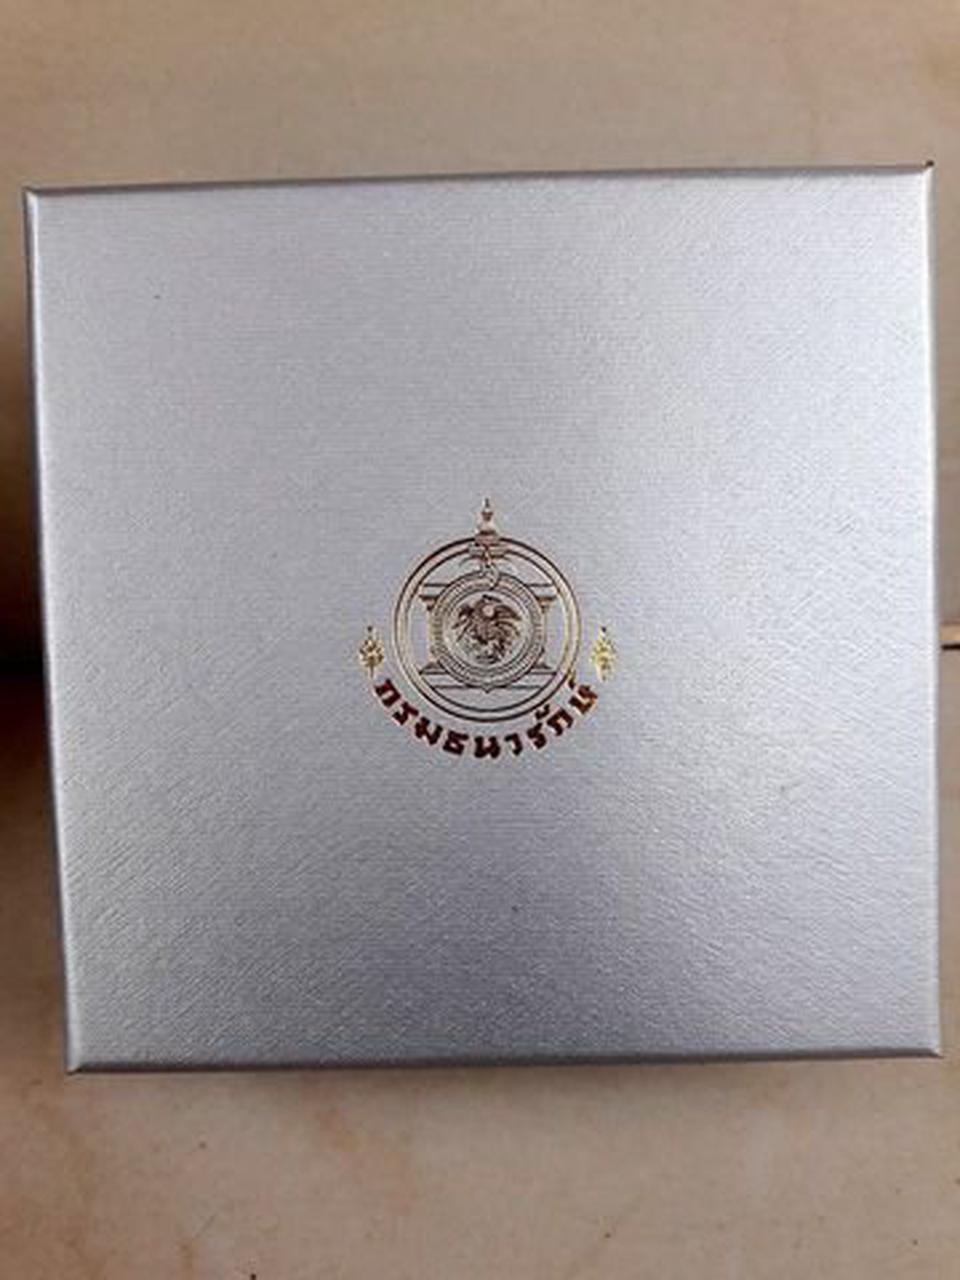 เหรียญที่ระลึกในหลวงร.9 ครองราชย์ครบ 70 ปี เนื้อเงิน (เหรียญรุ่นสุดท้ายที่ทันพระองค์) รูปที่ 1